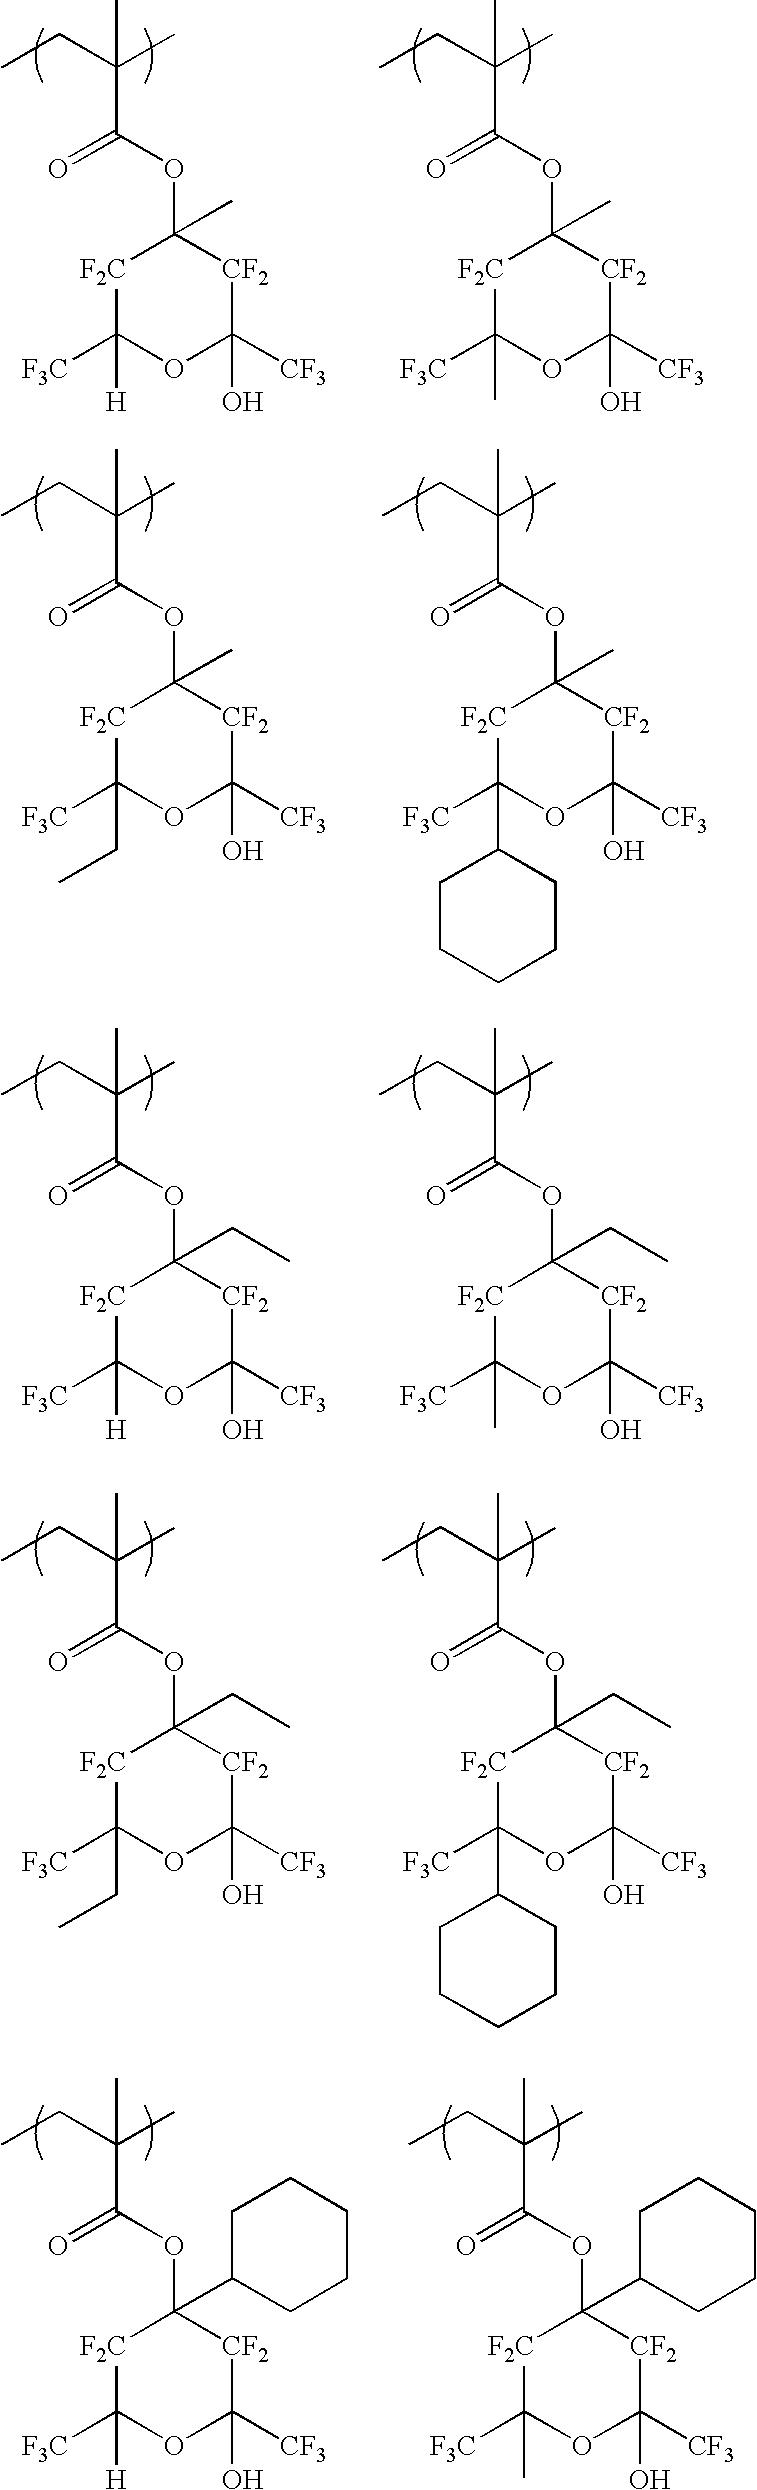 Figure US20060094817A1-20060504-C00029